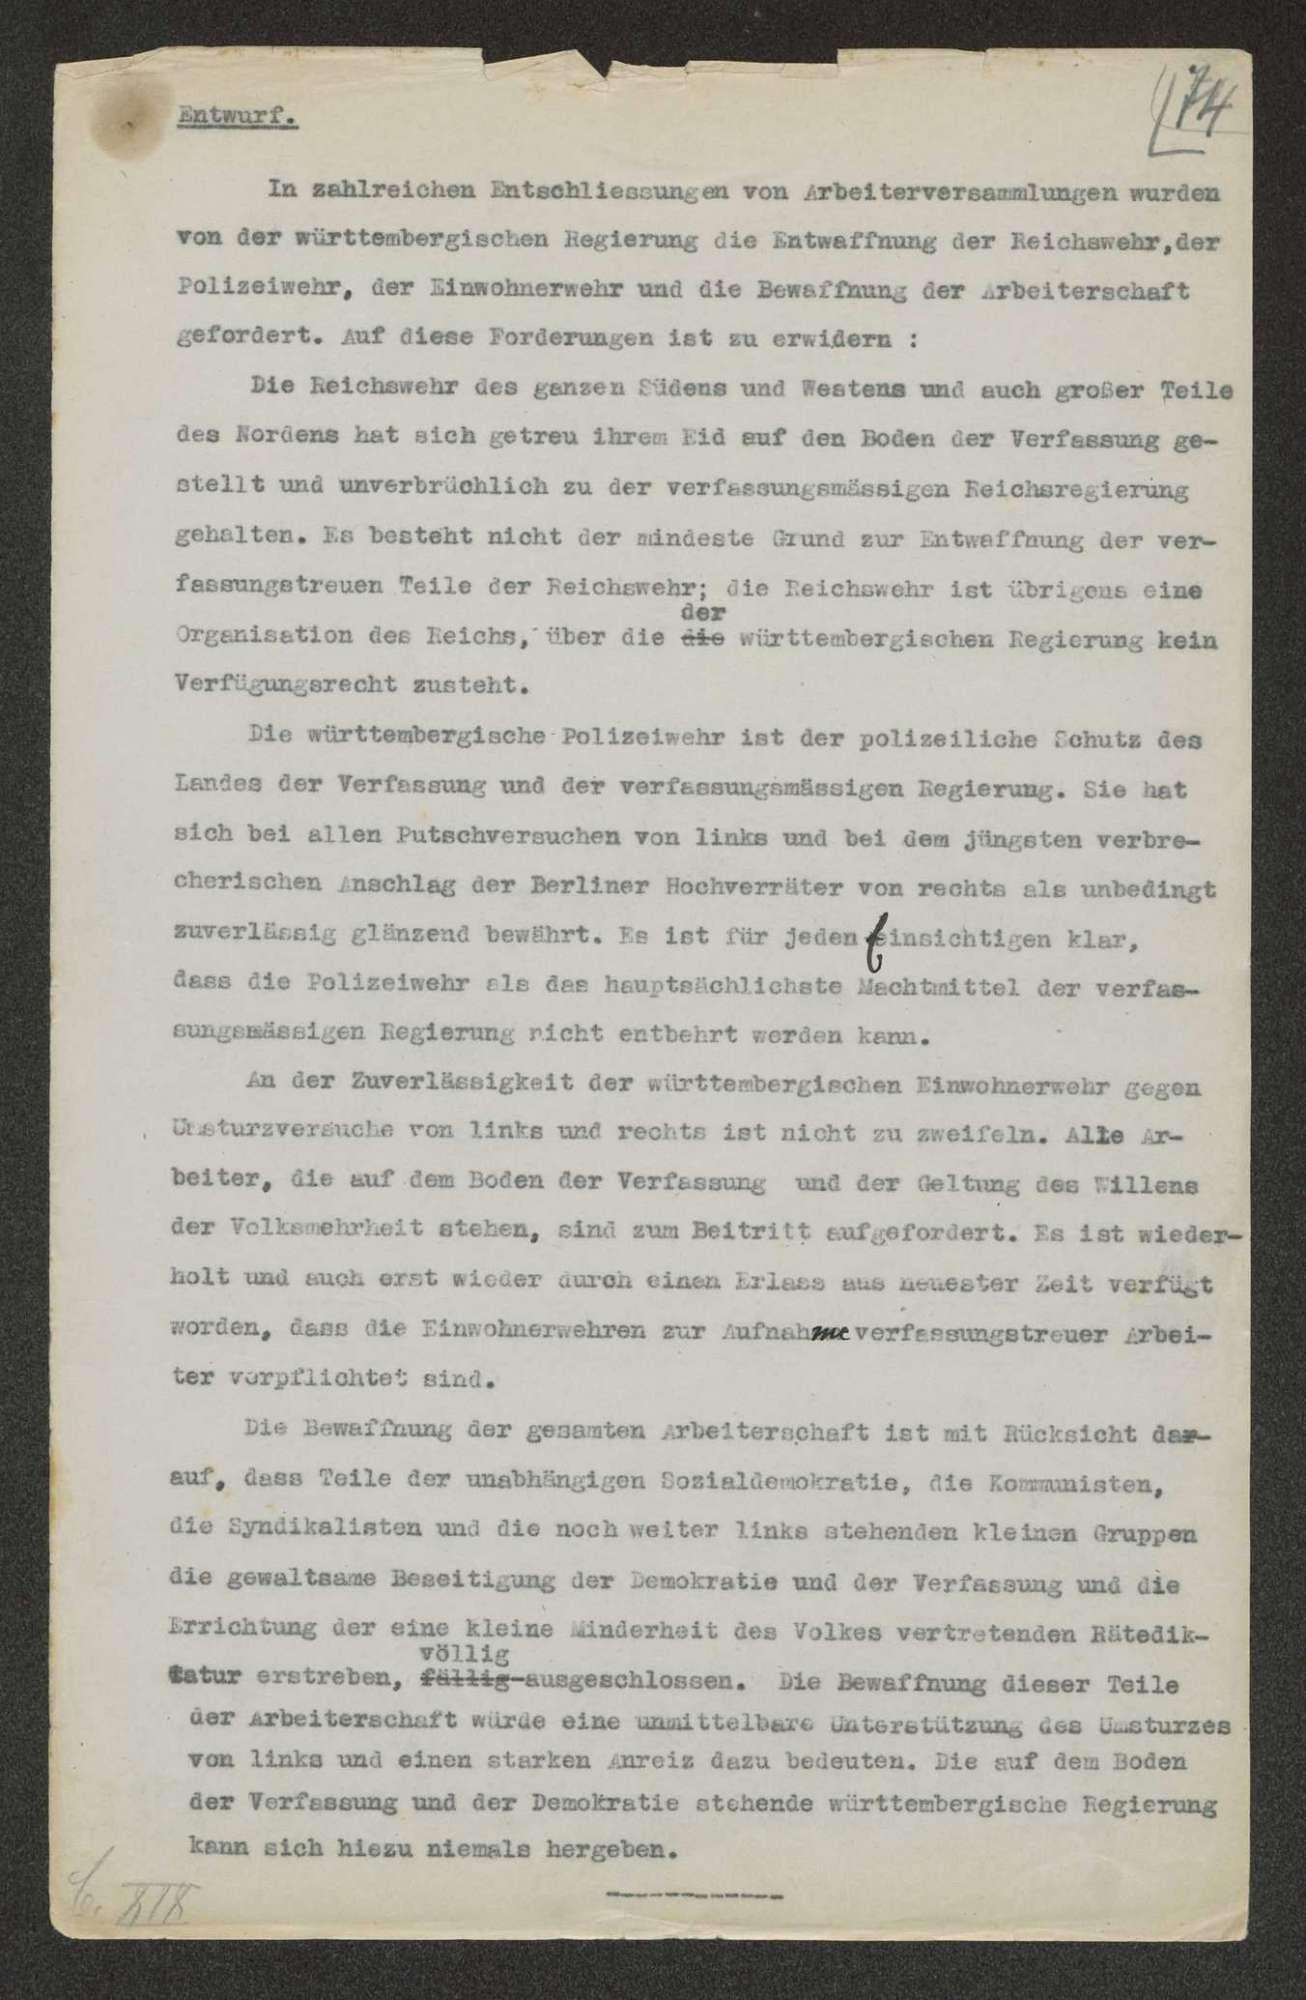 Staatsumwälzung am 09. November 1918, Bild 2